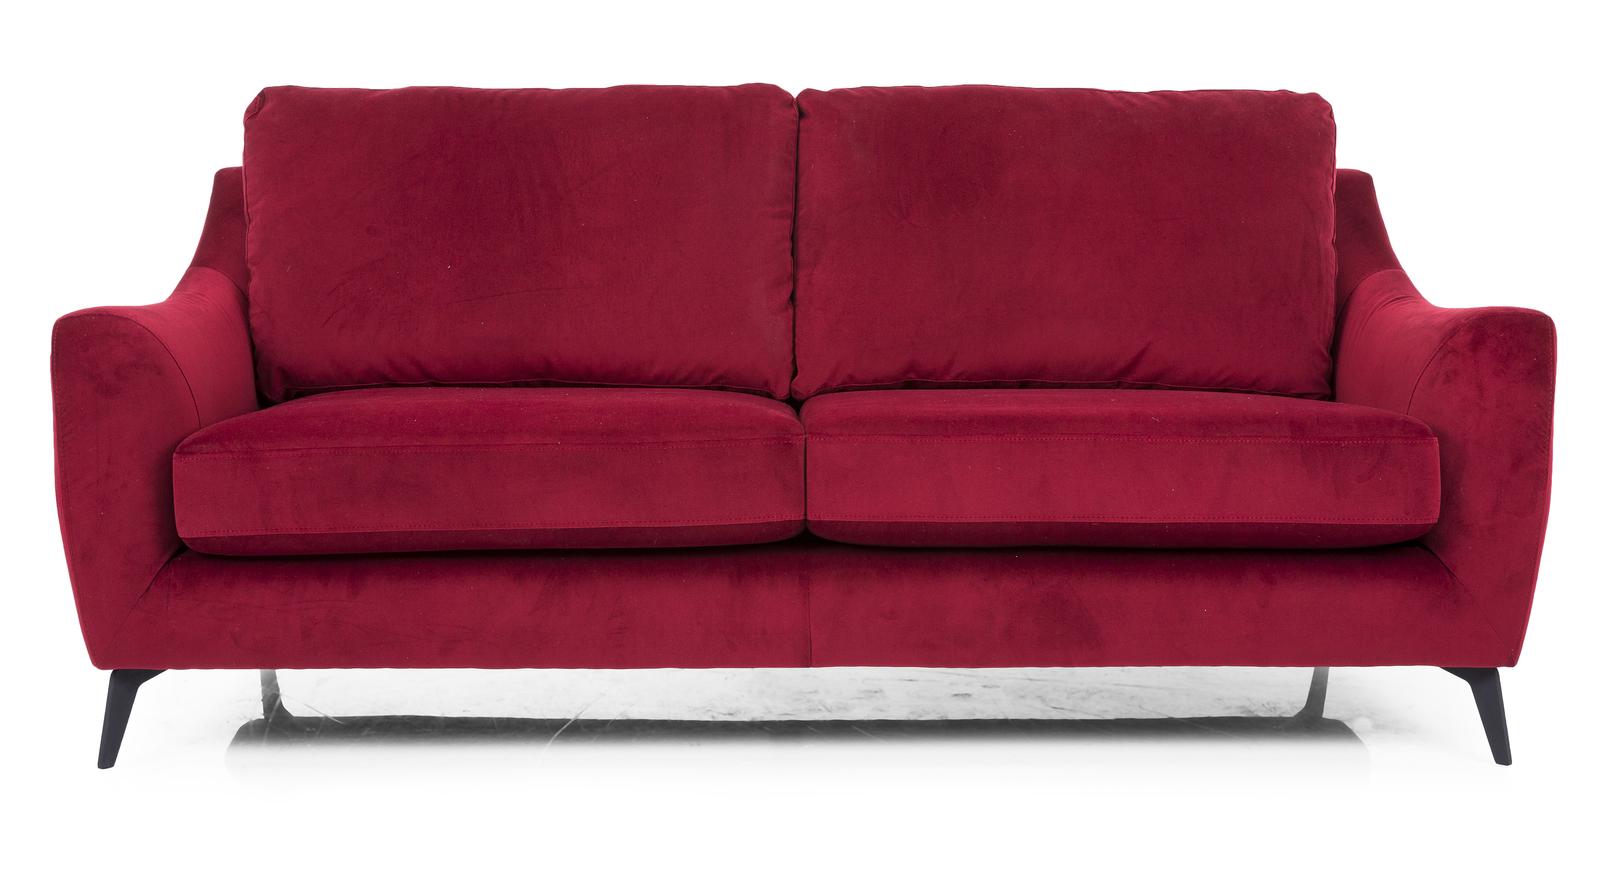 Piscero Sofa Suite